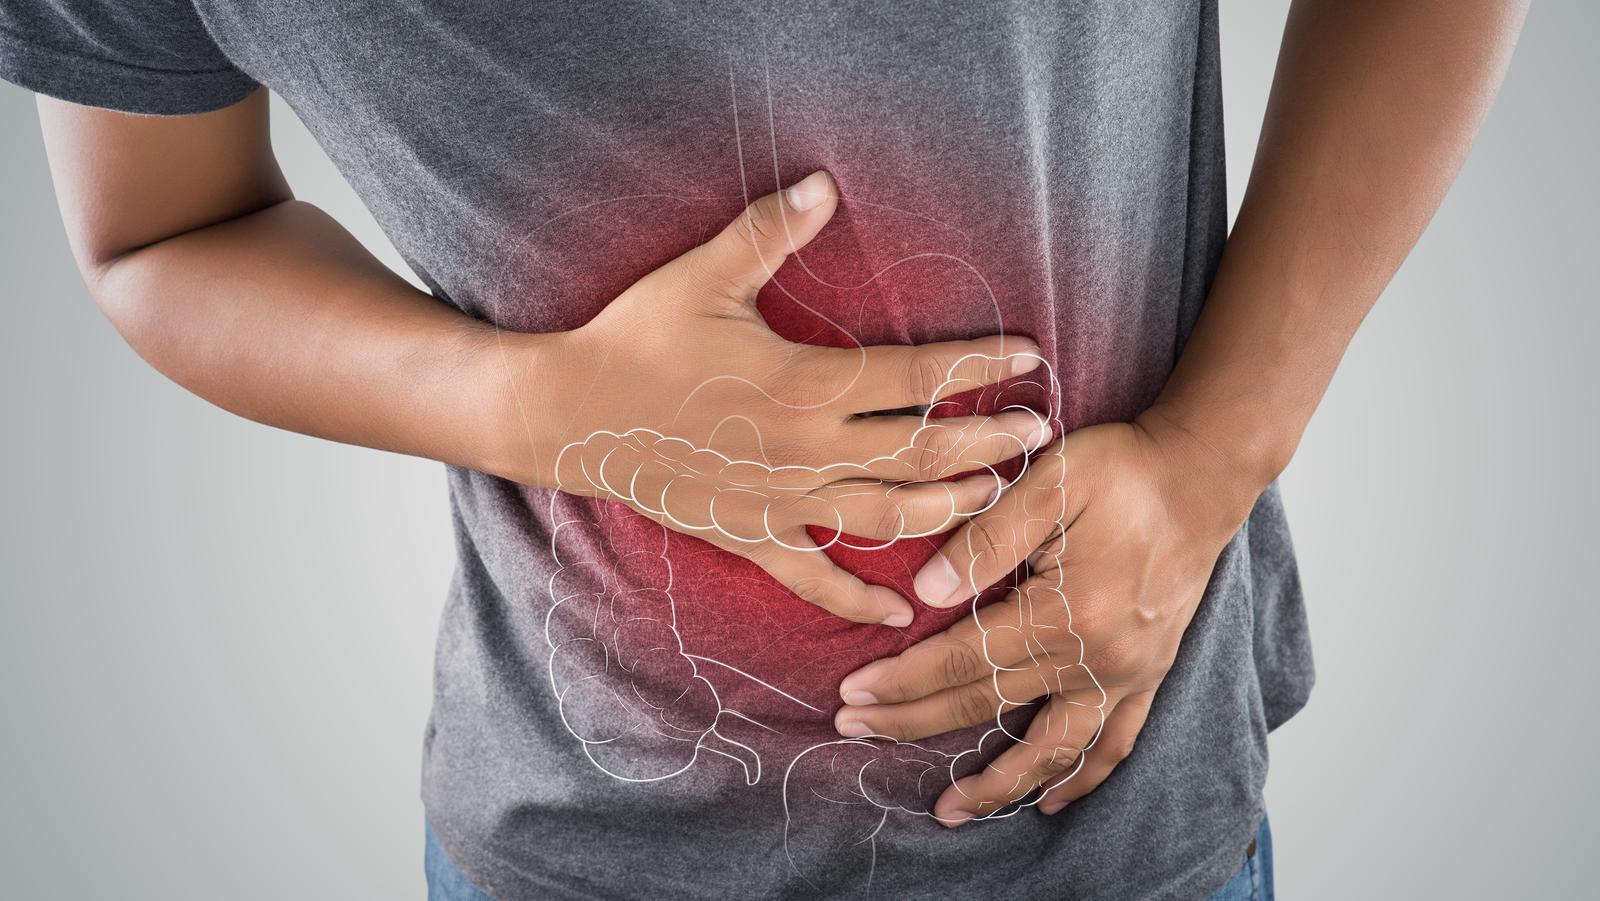 mely orvos kezeli a gyermekek giardiasist féreg gyógyszerek a